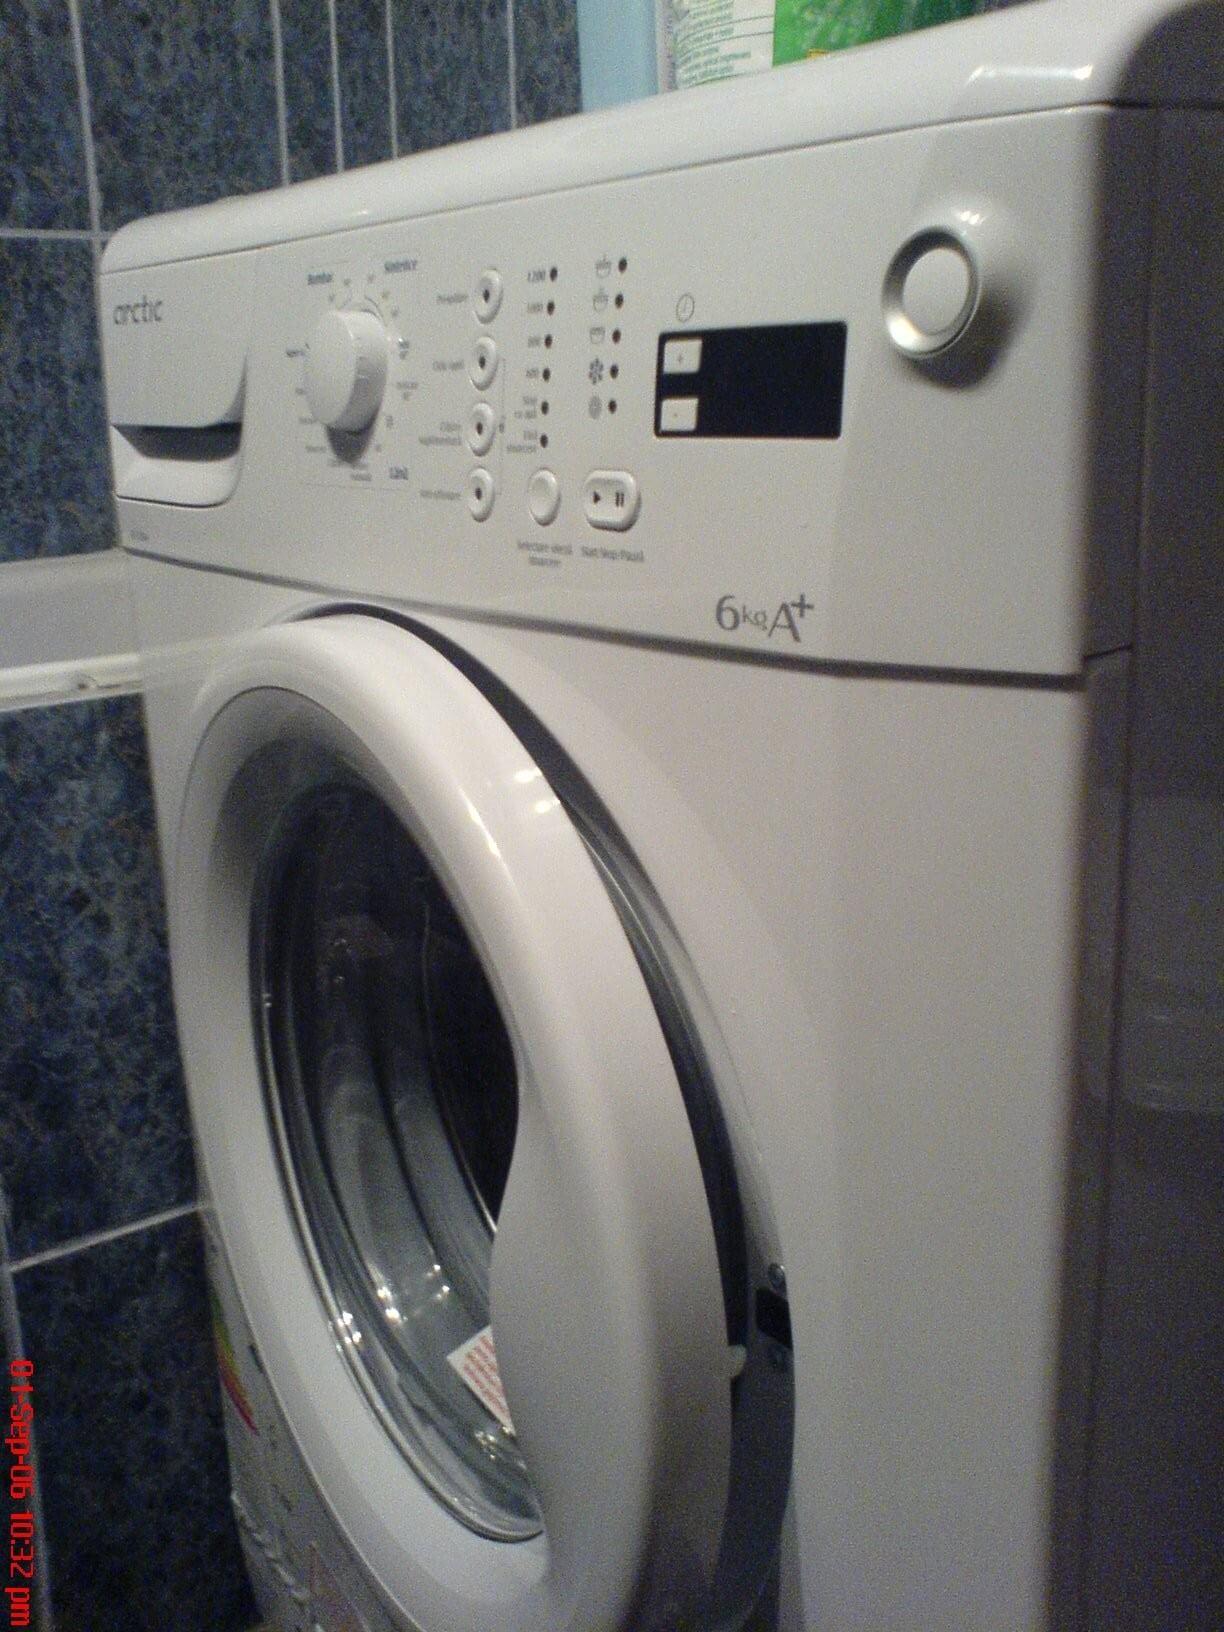 Washing Machine Repair In Noida : Save Sundays